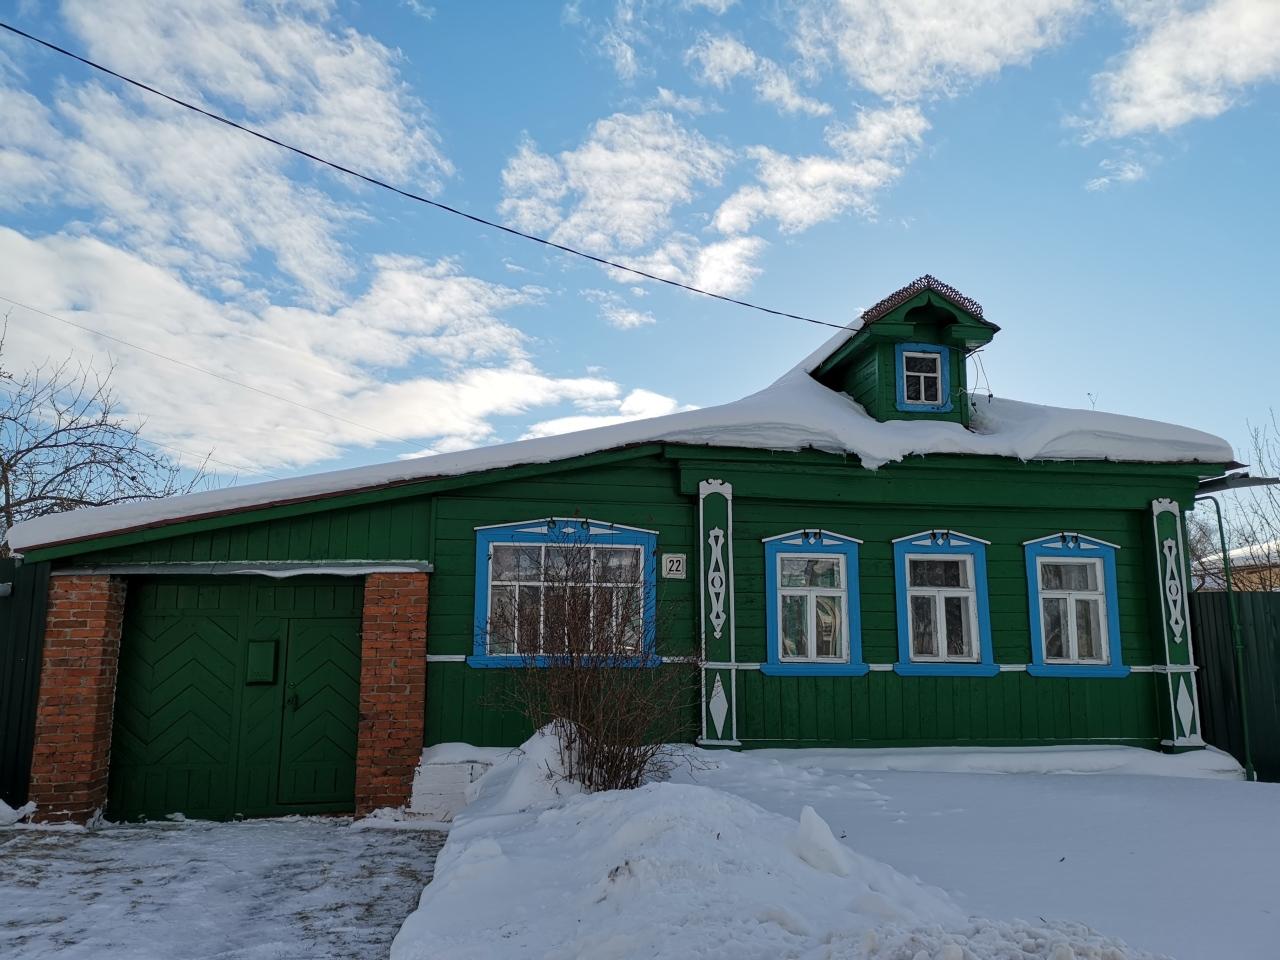 maison verte suzdal